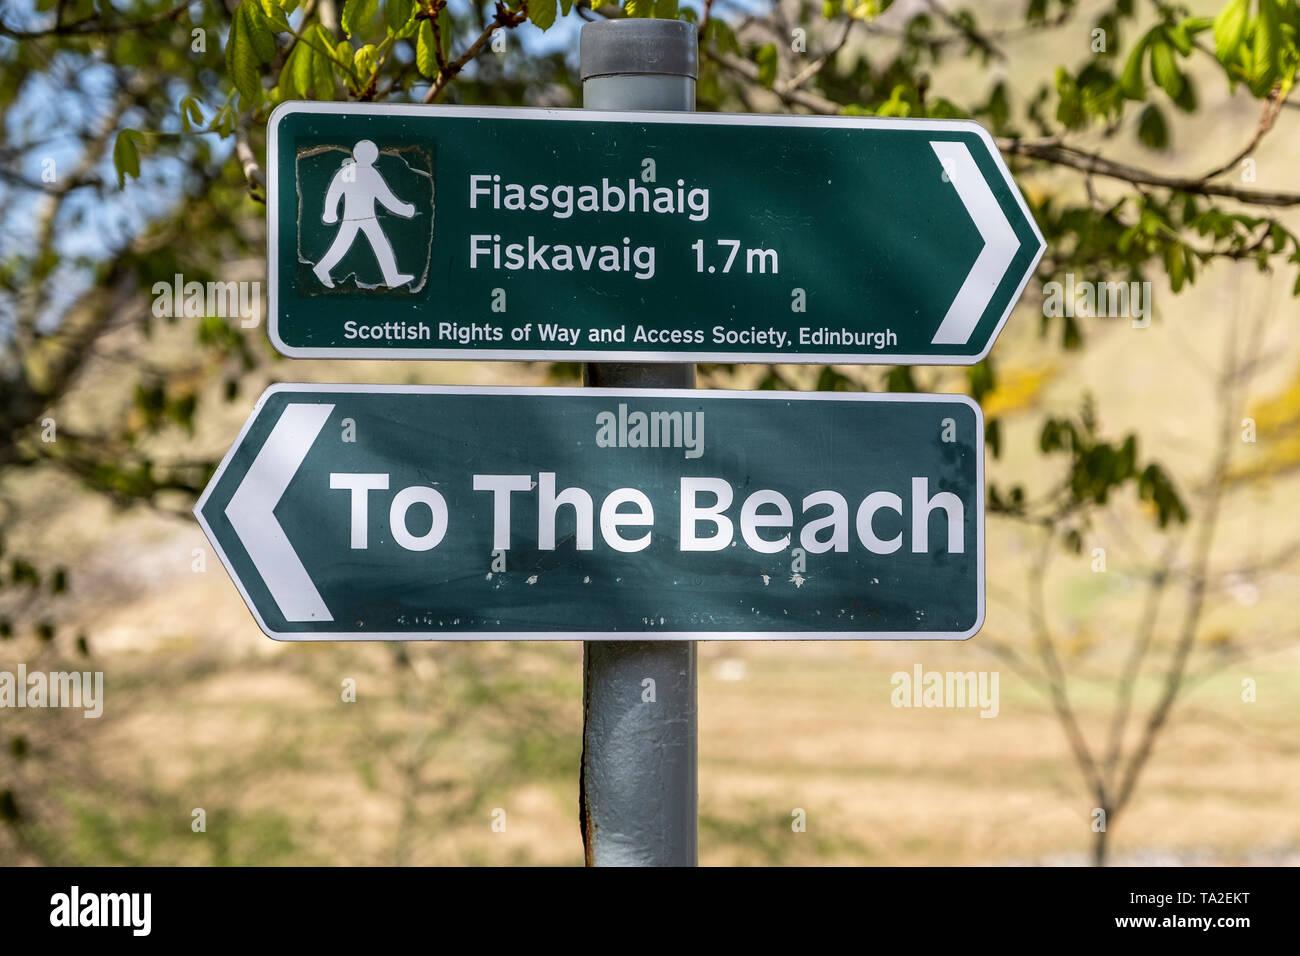 Señal direccional para Talisker Playa y Fiasgabhaig Fiskavaig. Skye, Escocia, Reino Unido Foto de stock